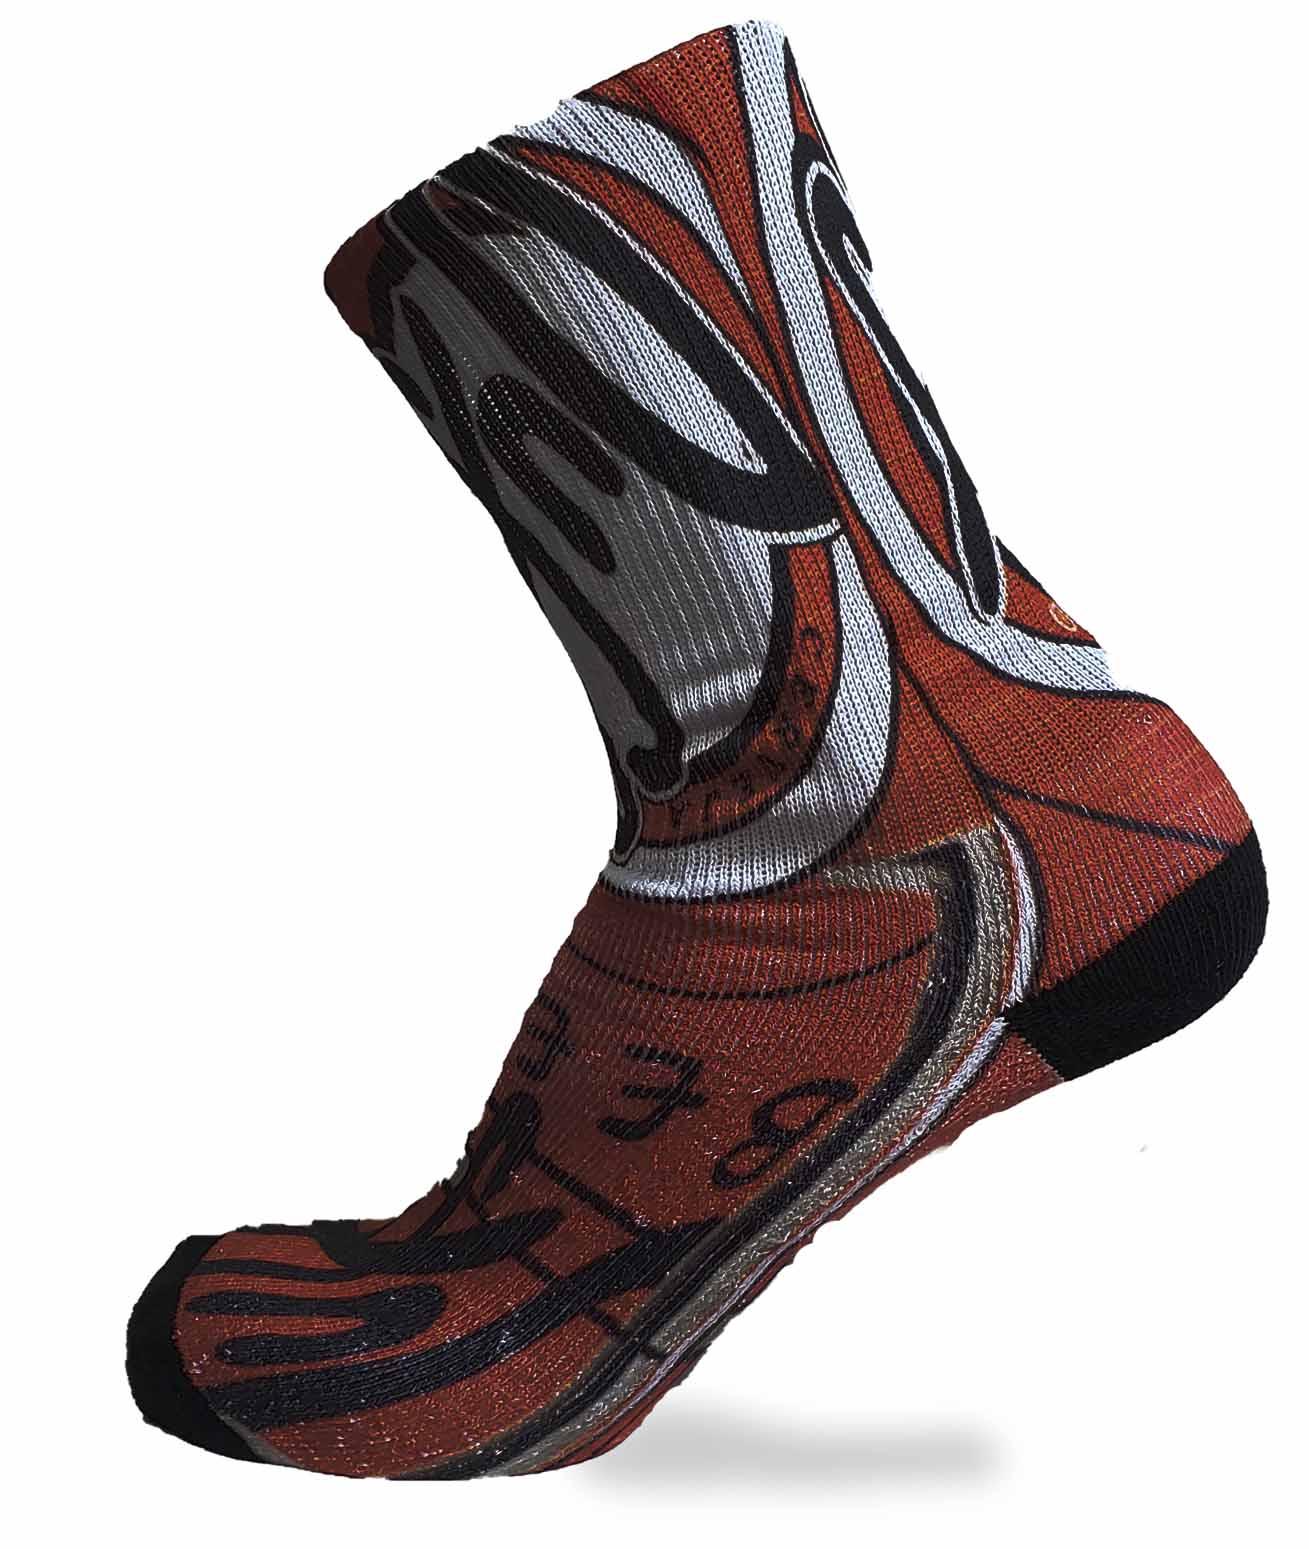 MEIA FOOTLOOK DUFF 39/43